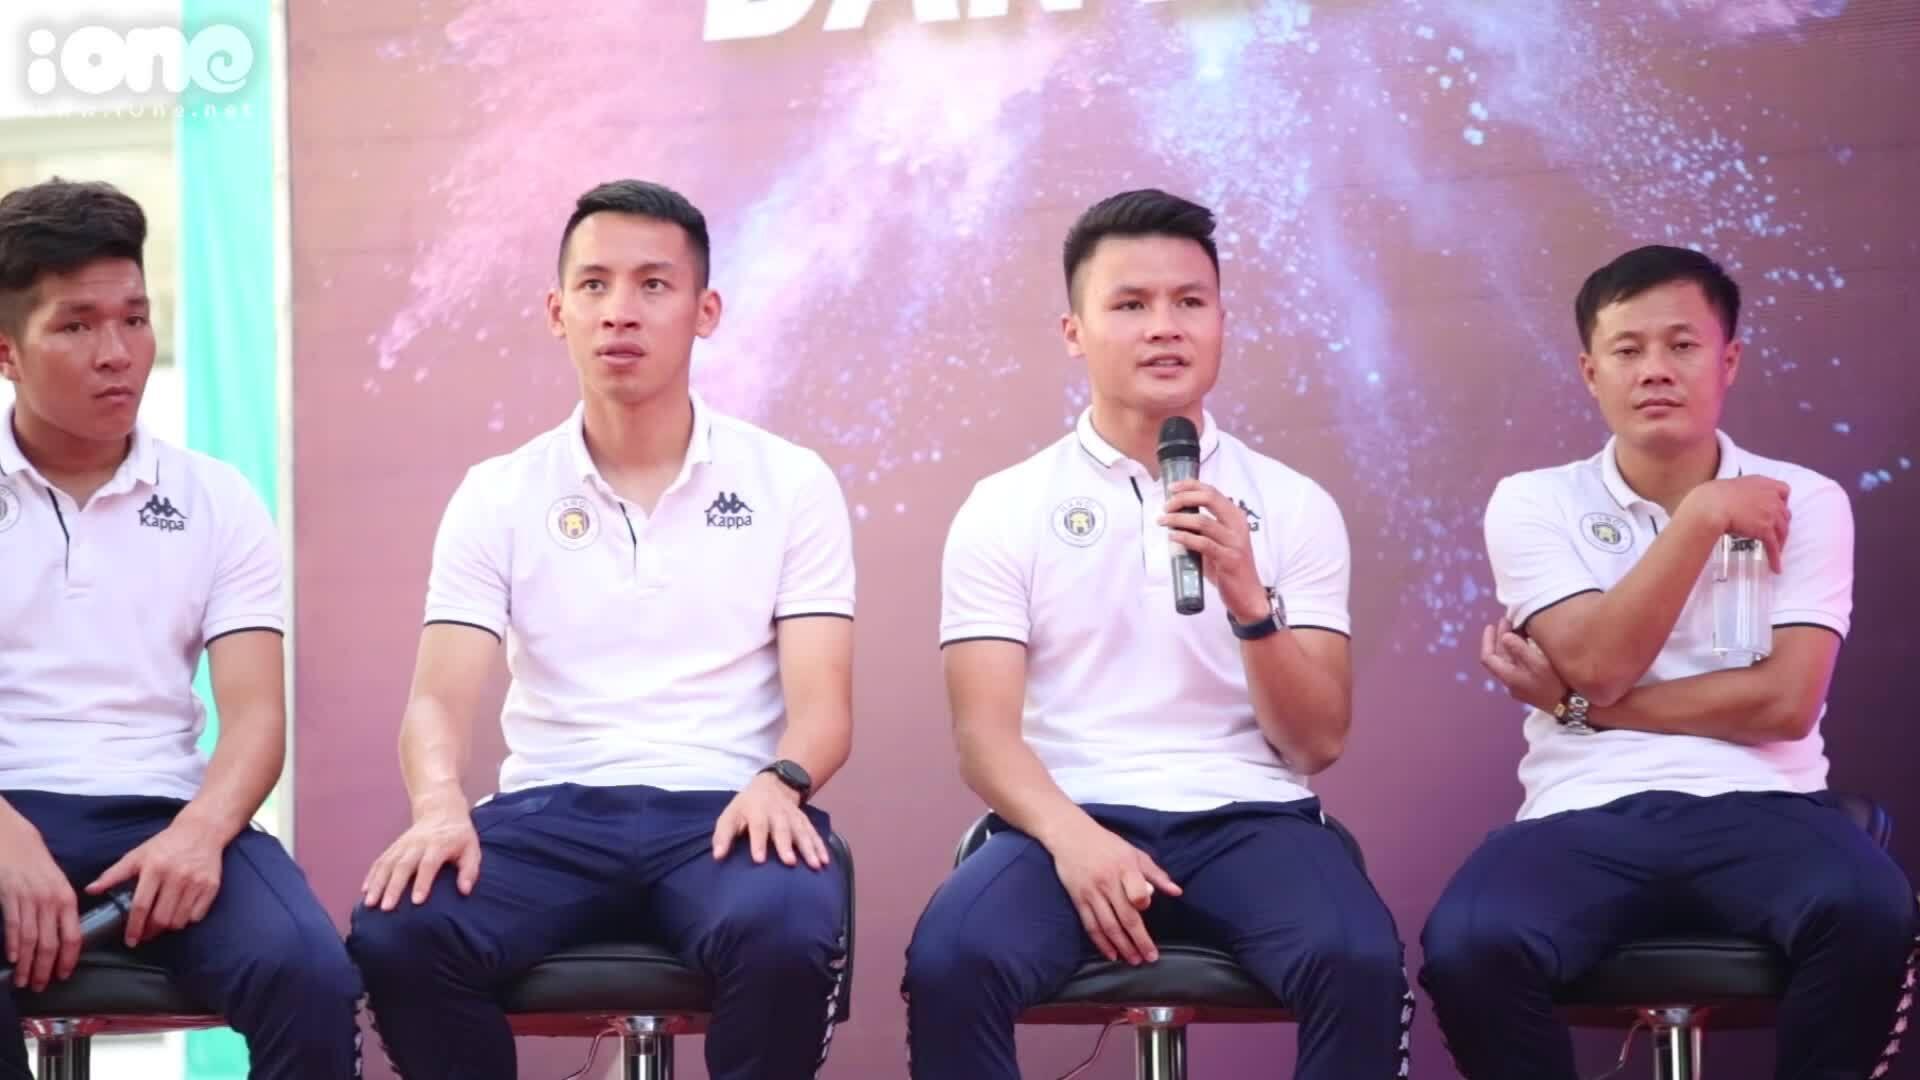 """Quang Hải tiết lộ về cú sút phạt """"cầu vồng tuyết"""" ở Thường Châu"""